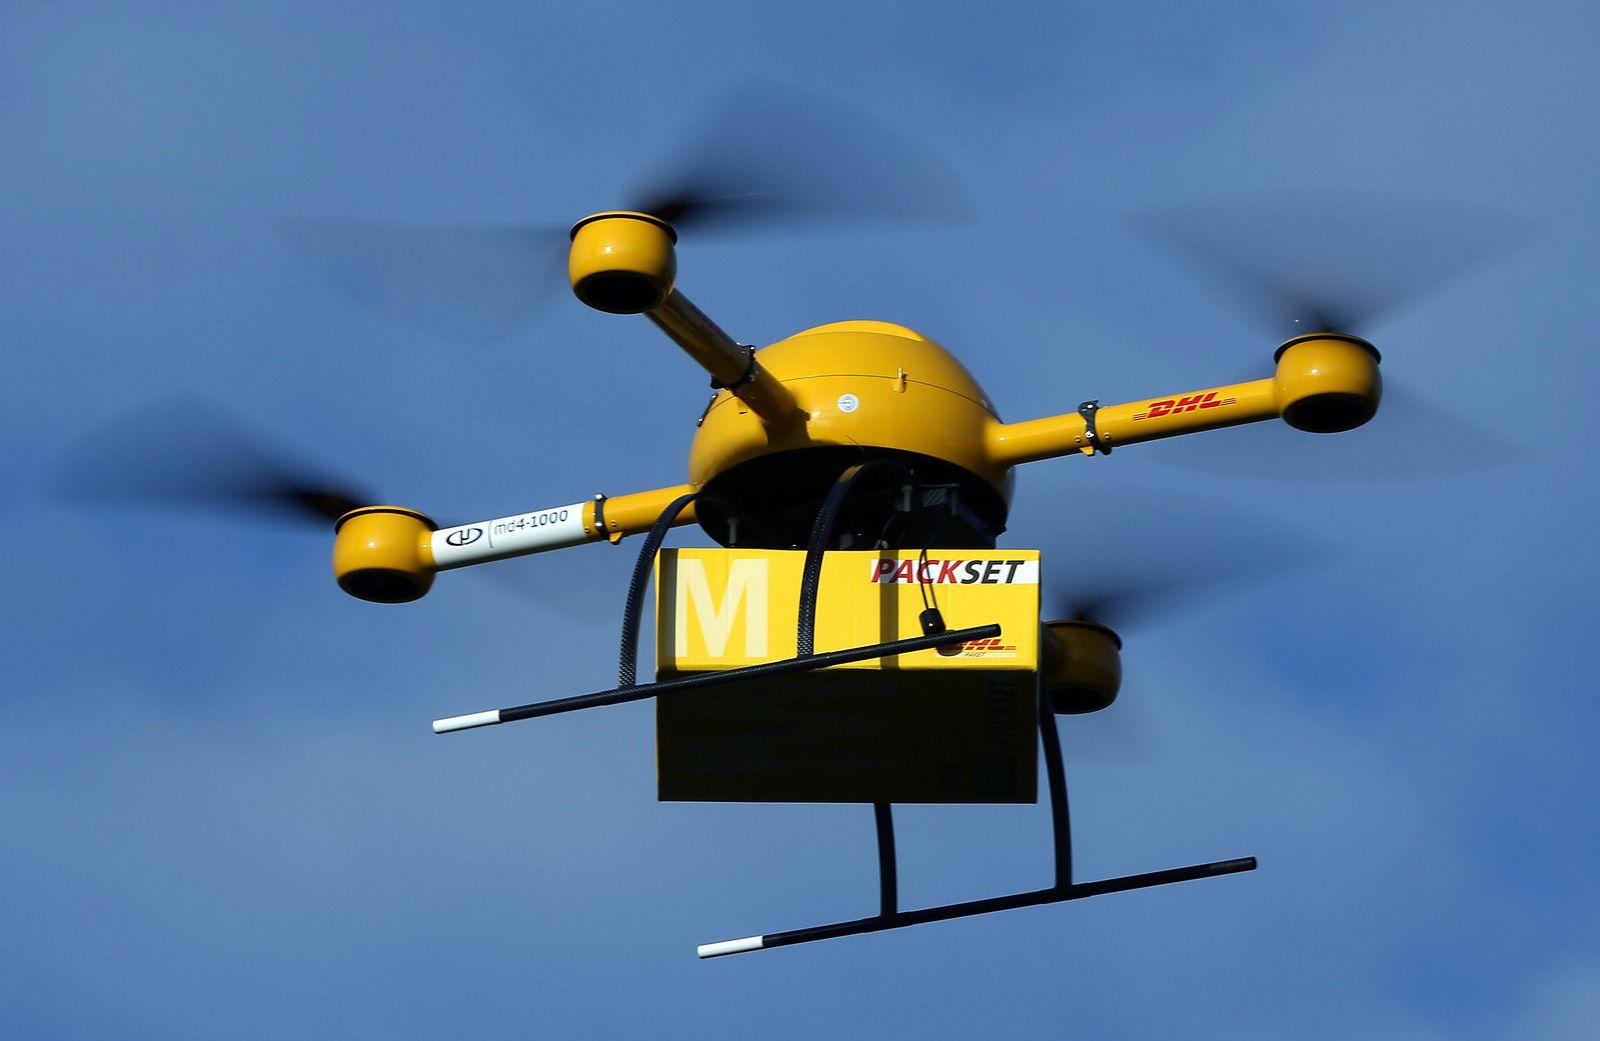 Deutsche Post / Paket-Drohne